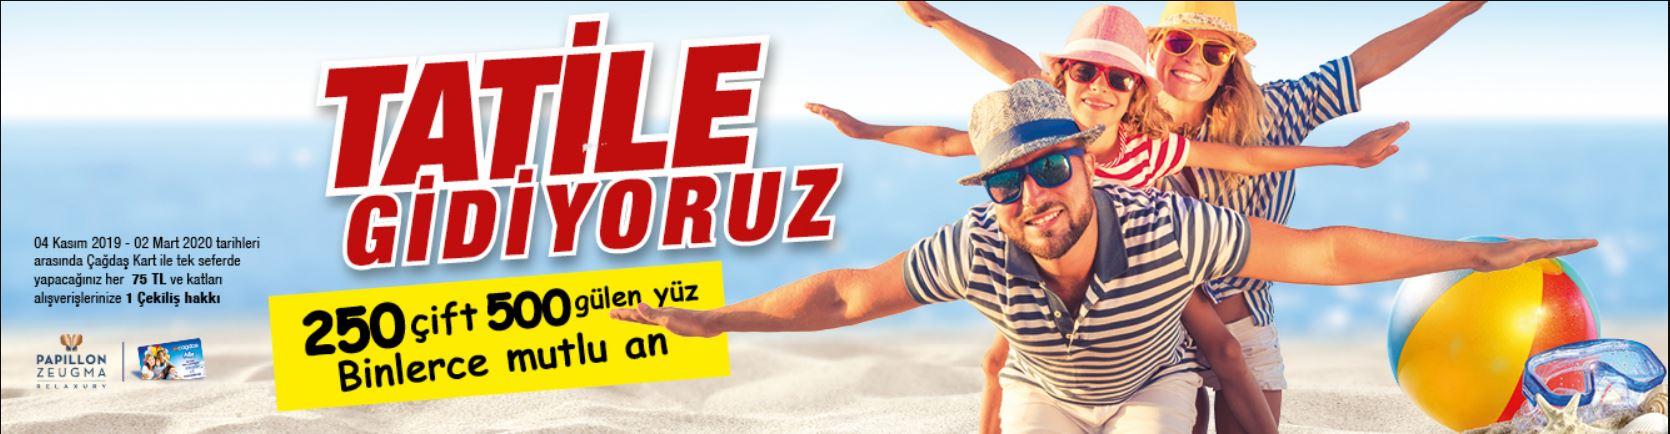 Çağdaş Market 250 Çift 500 Gülen Yüz Tatil Çekiliş Kampanyası!